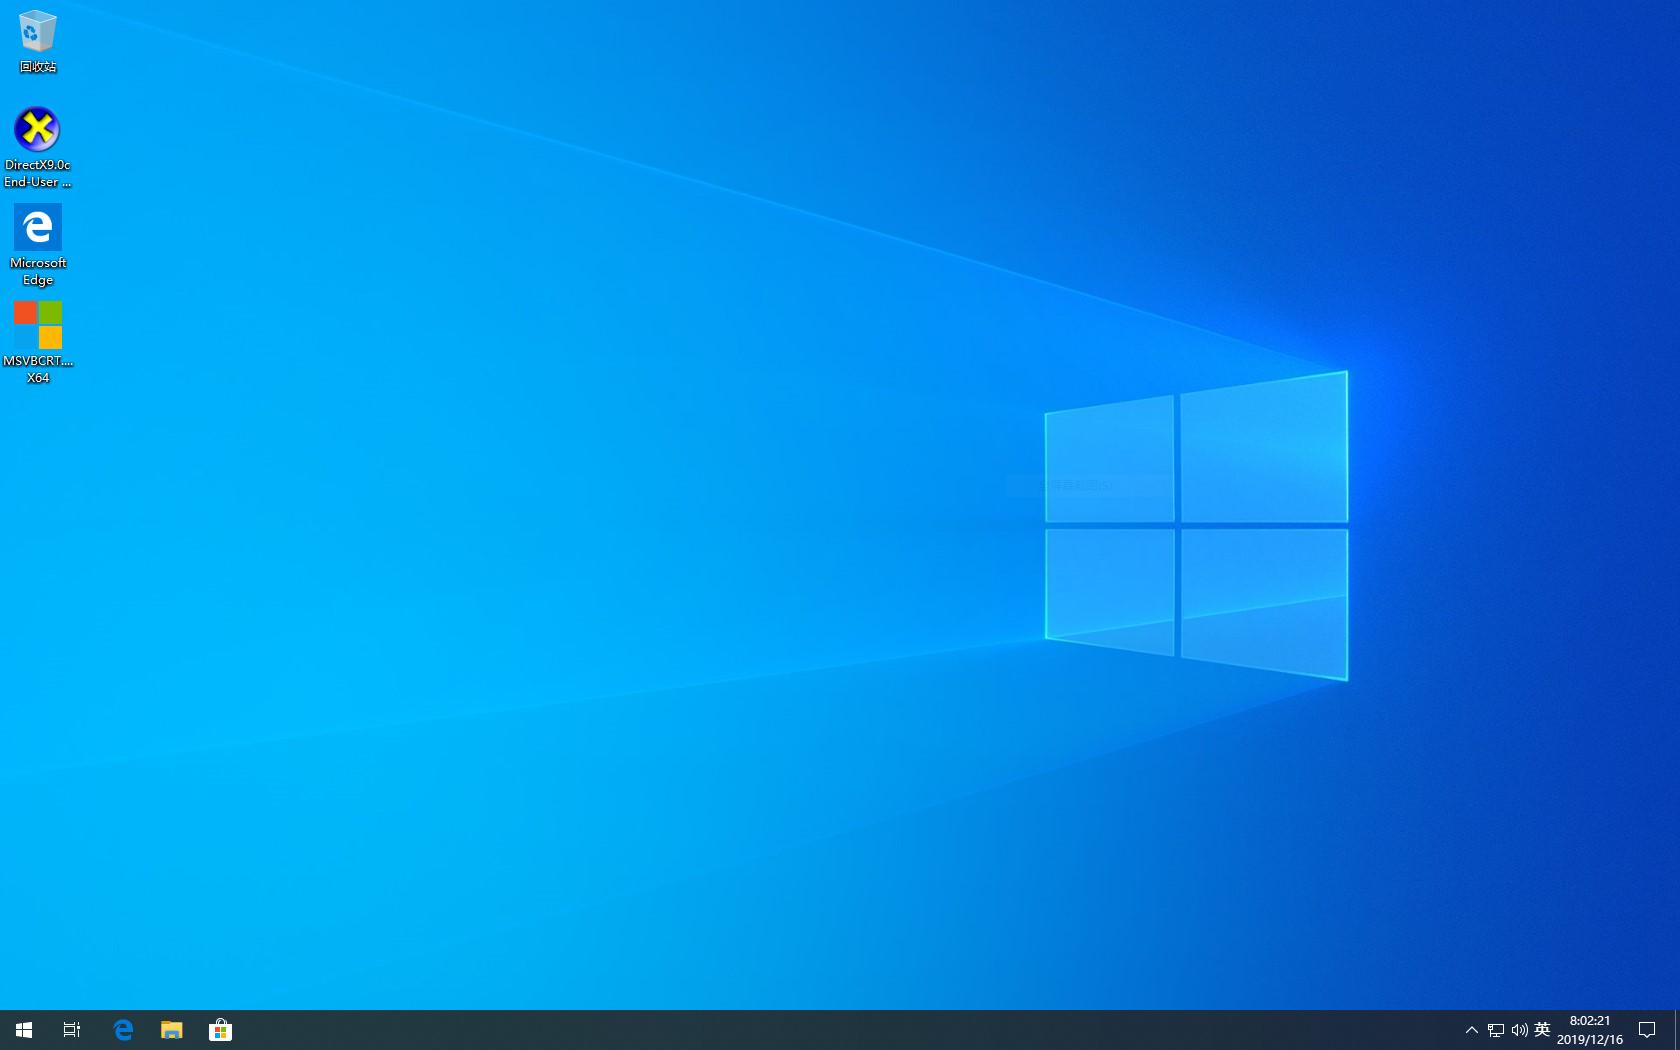 【軍戨】Windows 10 1909 x64专业版 2019.12.16 可在线更新